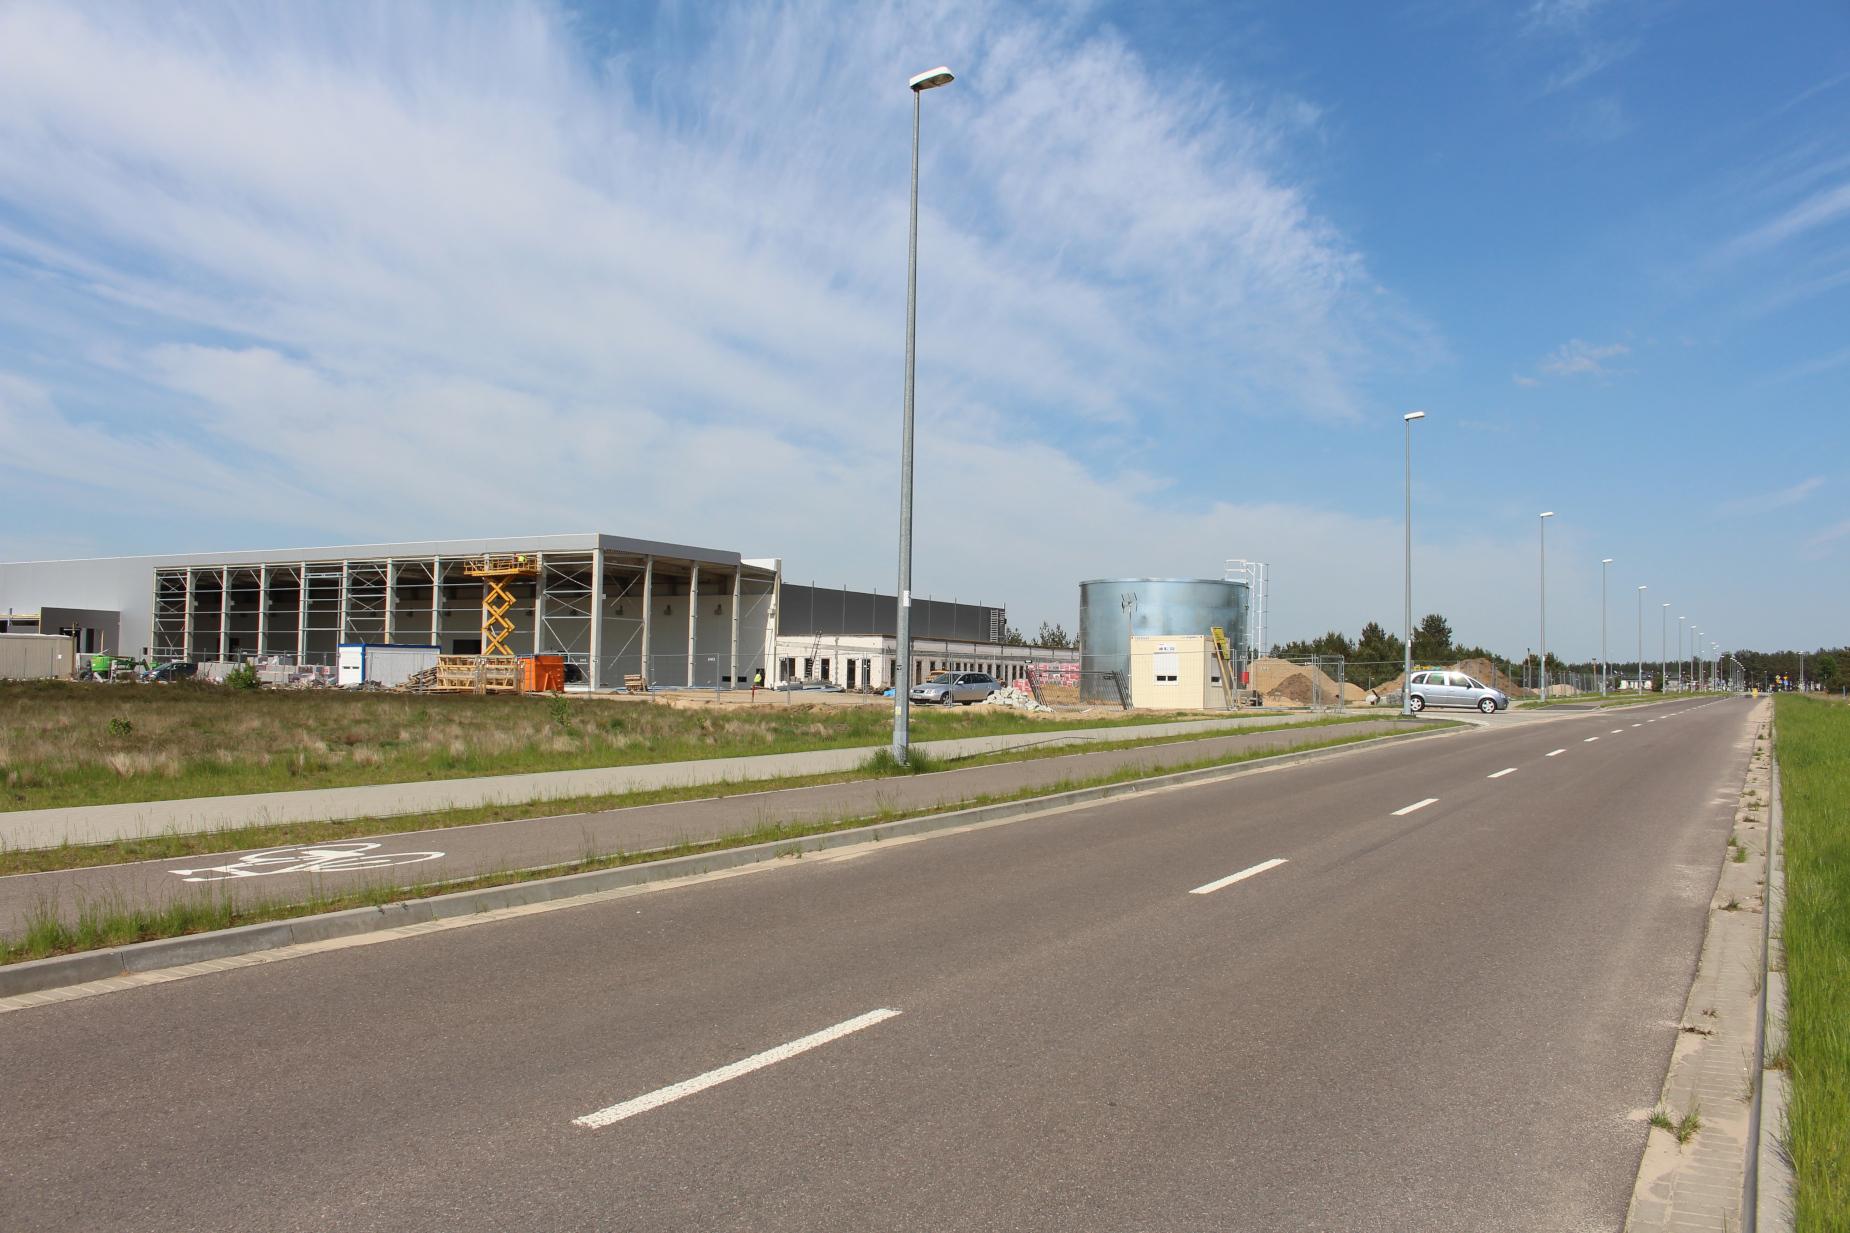 Słupska Specjalna Strefa Ekonomiczna rośnie w siłę. Powstaje pierwszy zakład w Lęborku